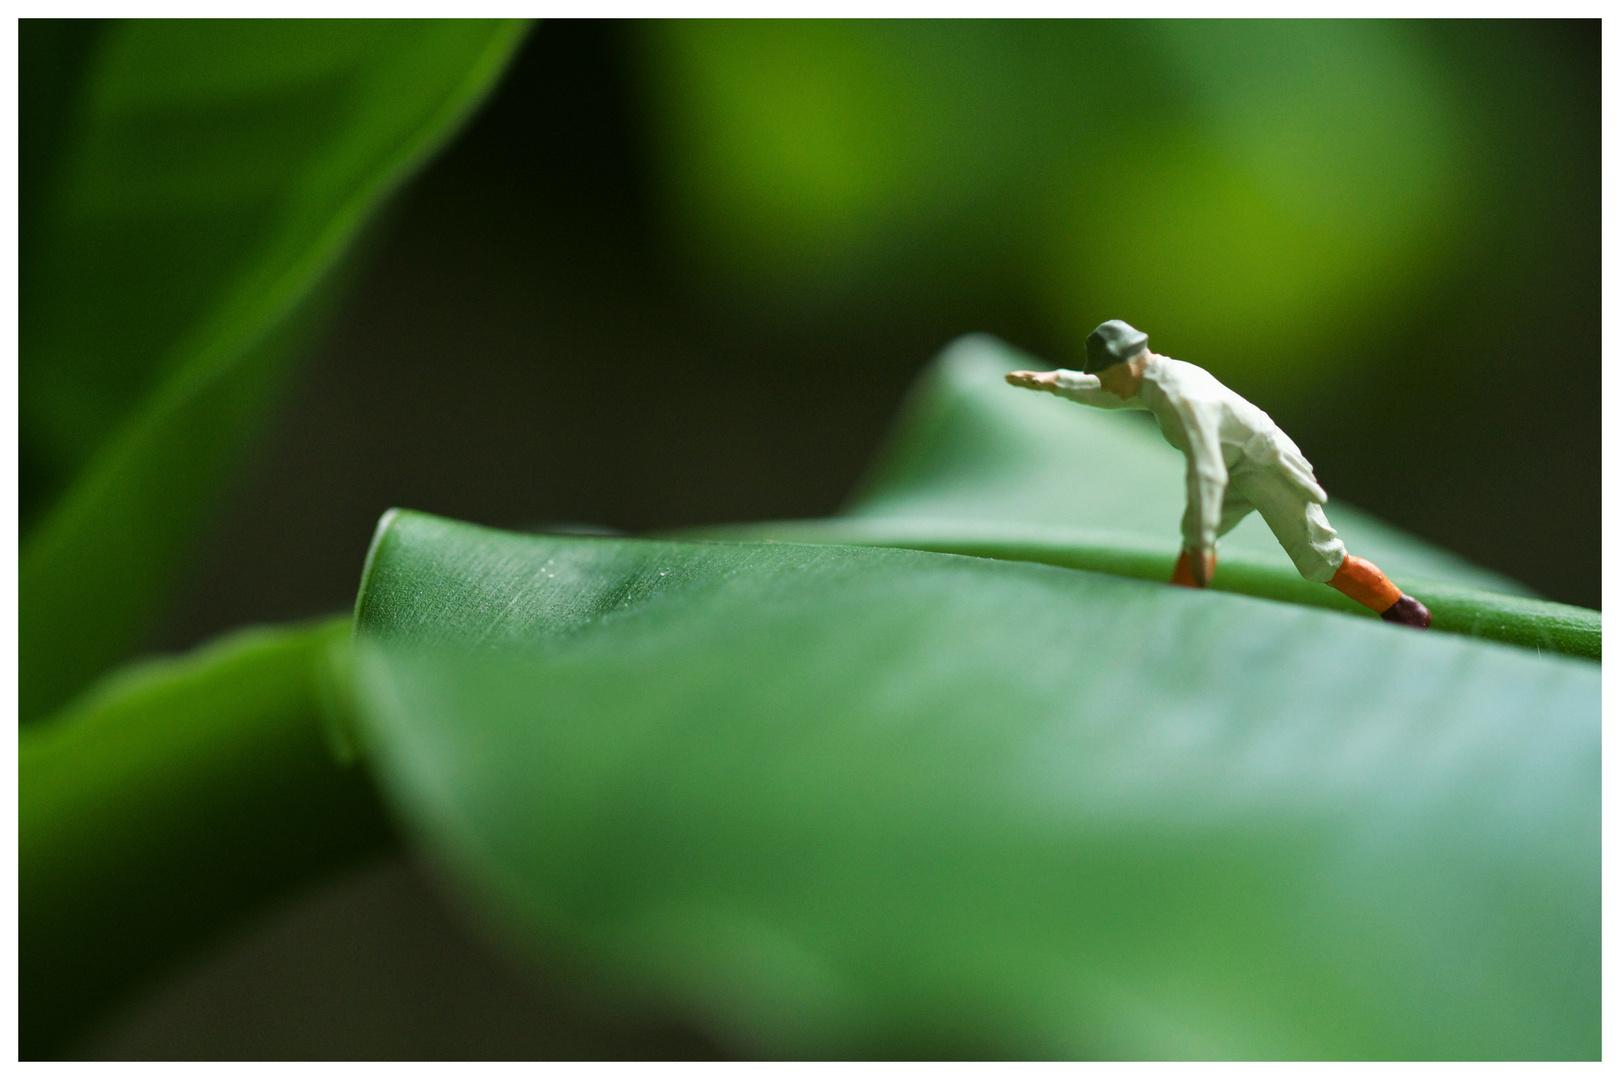 auf Blätter laufen